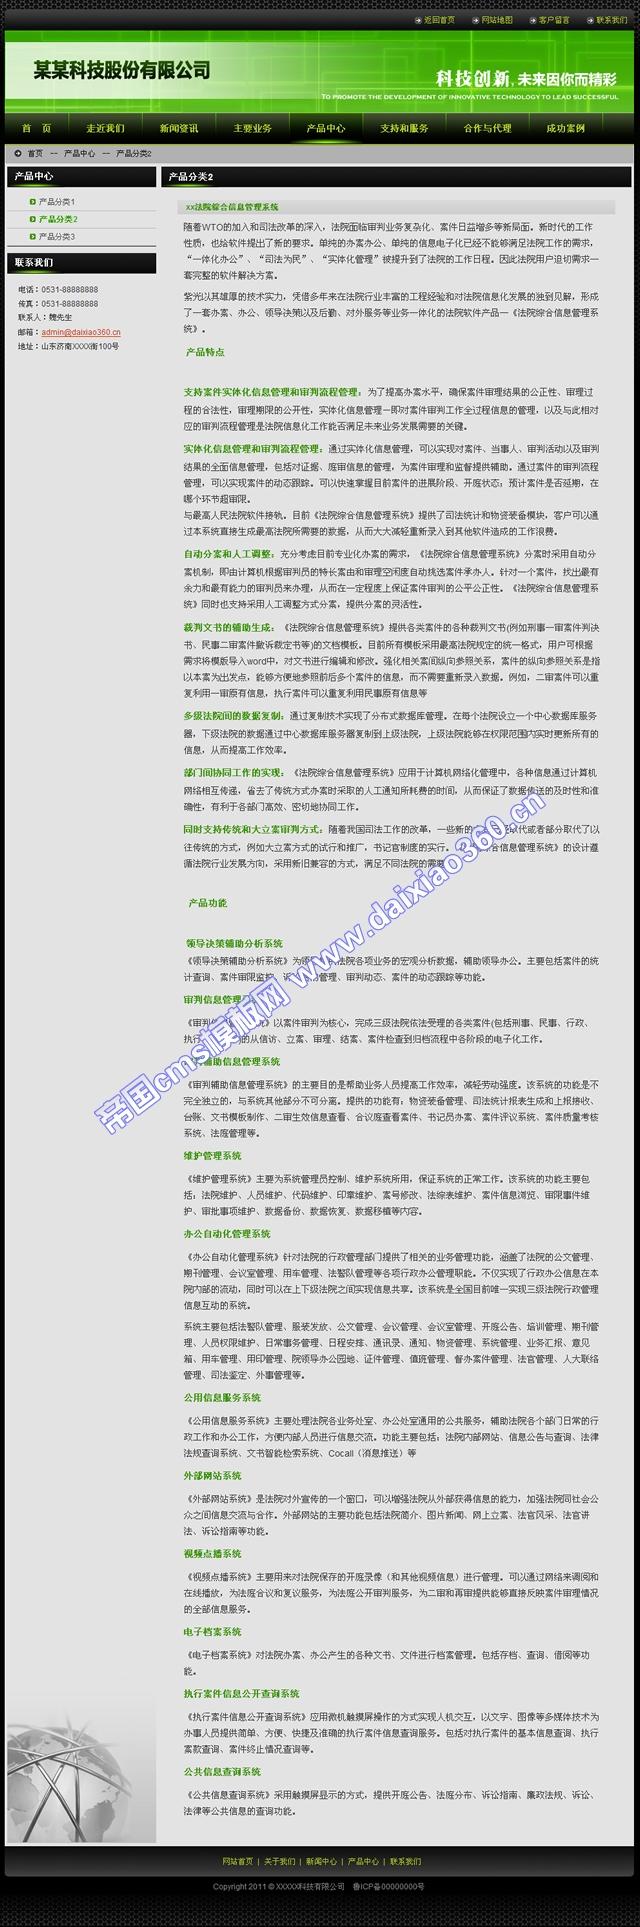 科技服务企业深黑绿色帝国cms模板_产品内容